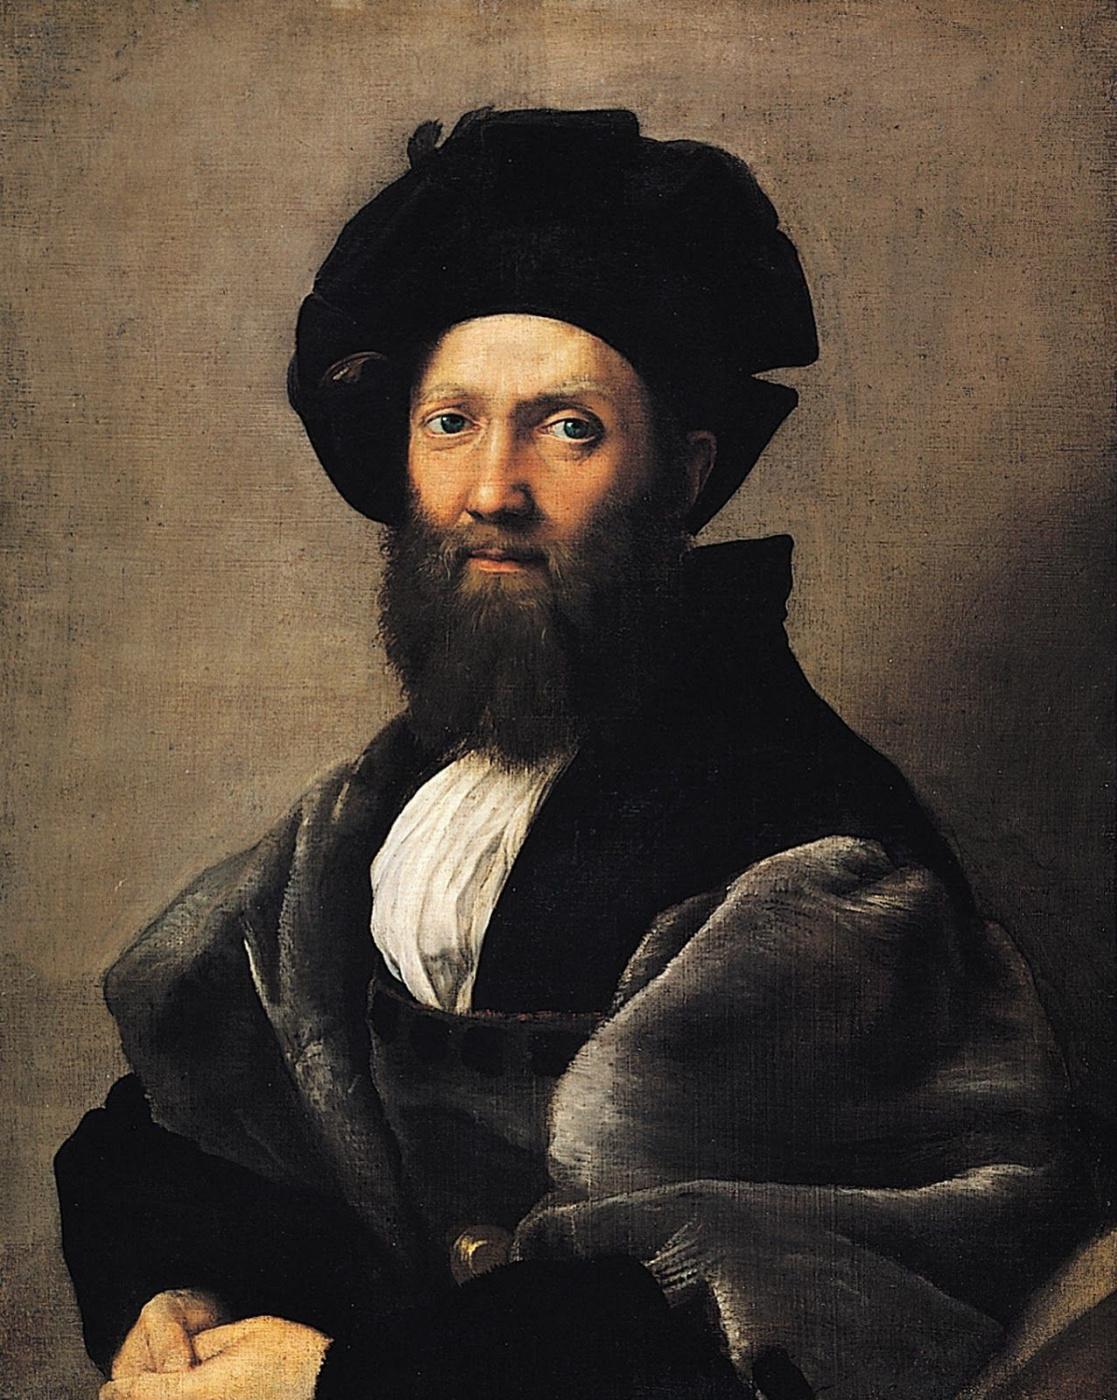 Raphael Sanzio. Portrait of count Baldassare Castiglione